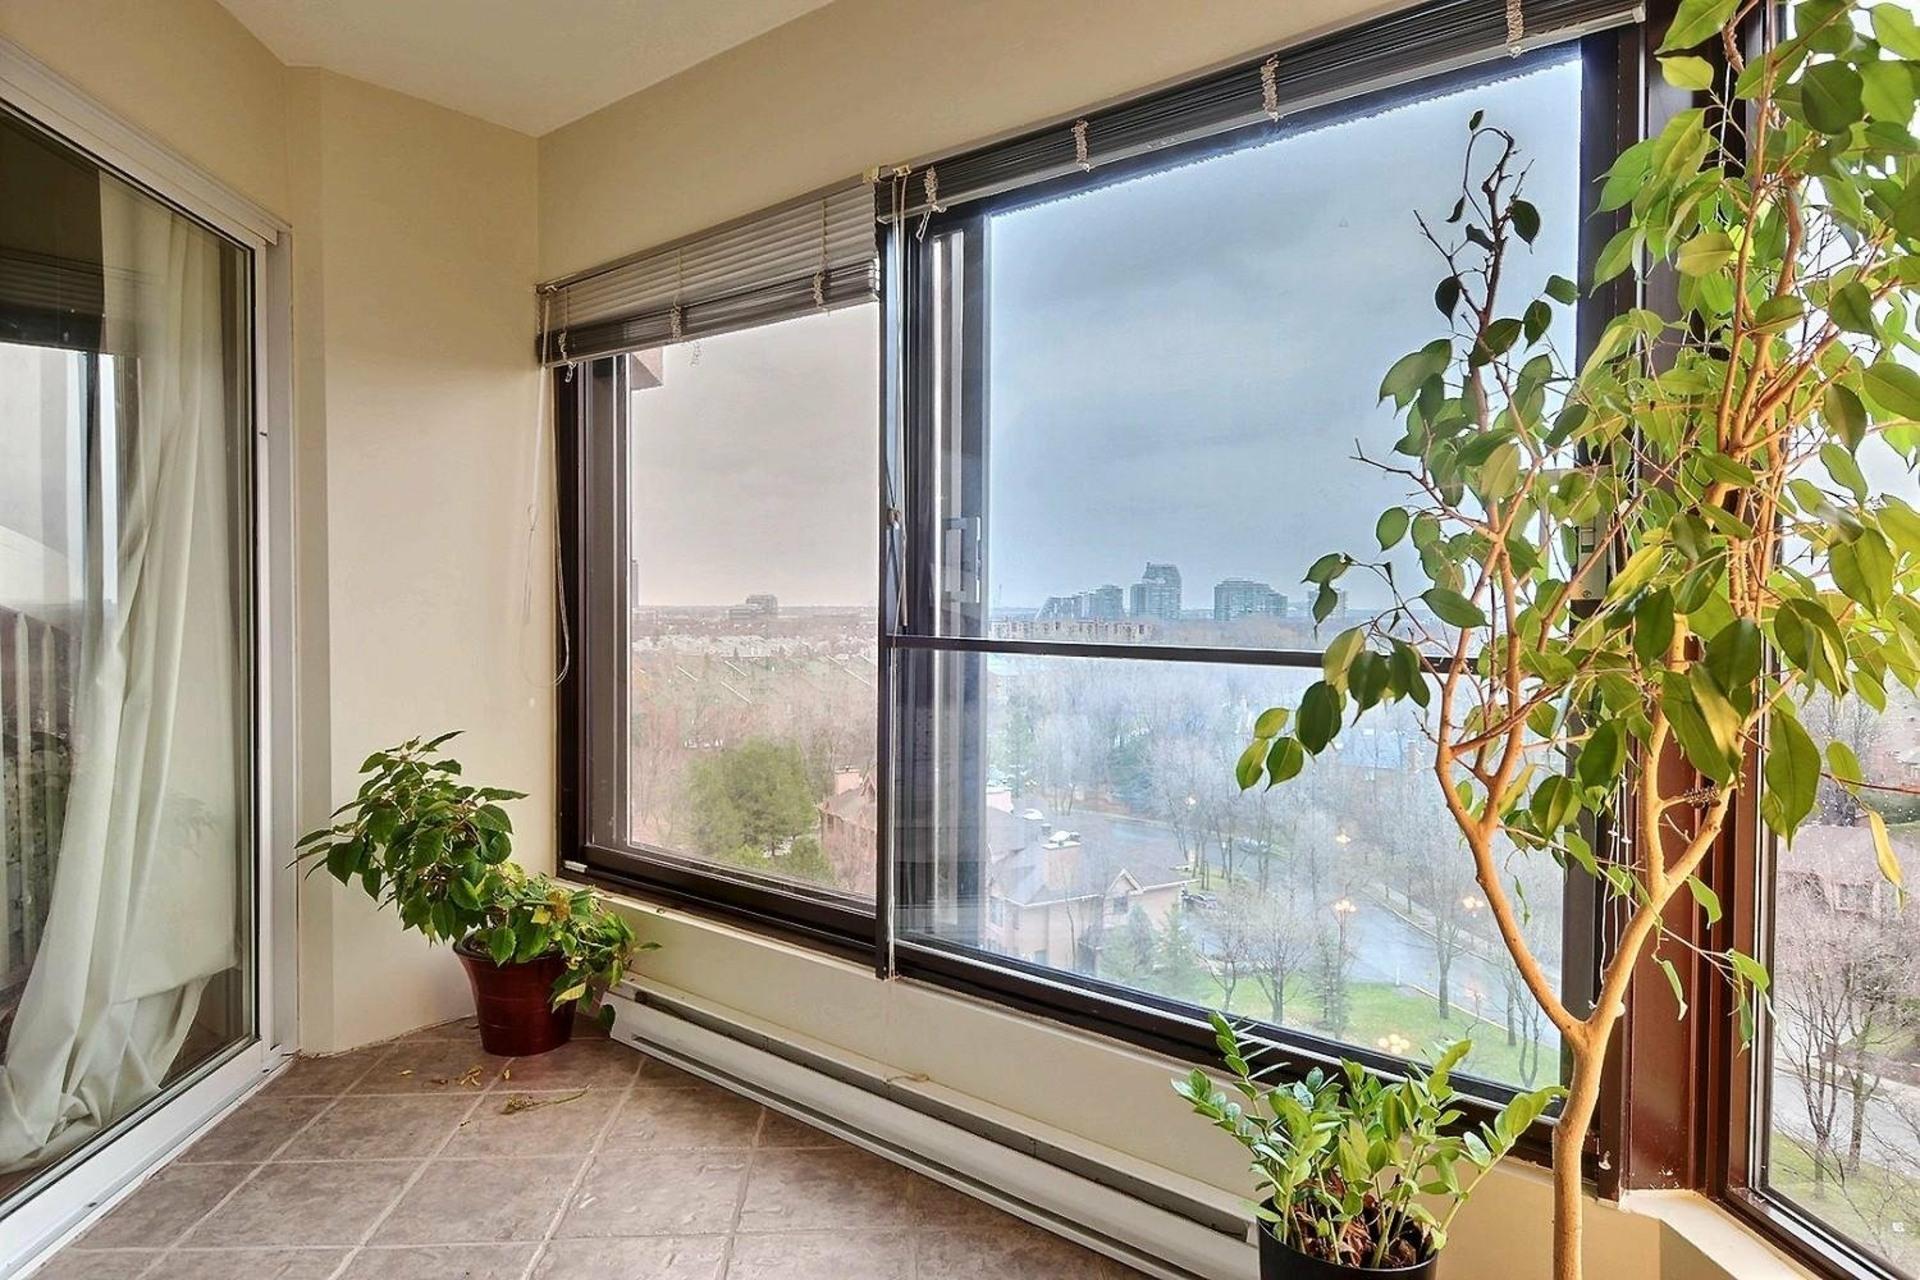 image 12 - Appartement À vendre Montréal Verdun/Île-des-Soeurs  - 5 pièces